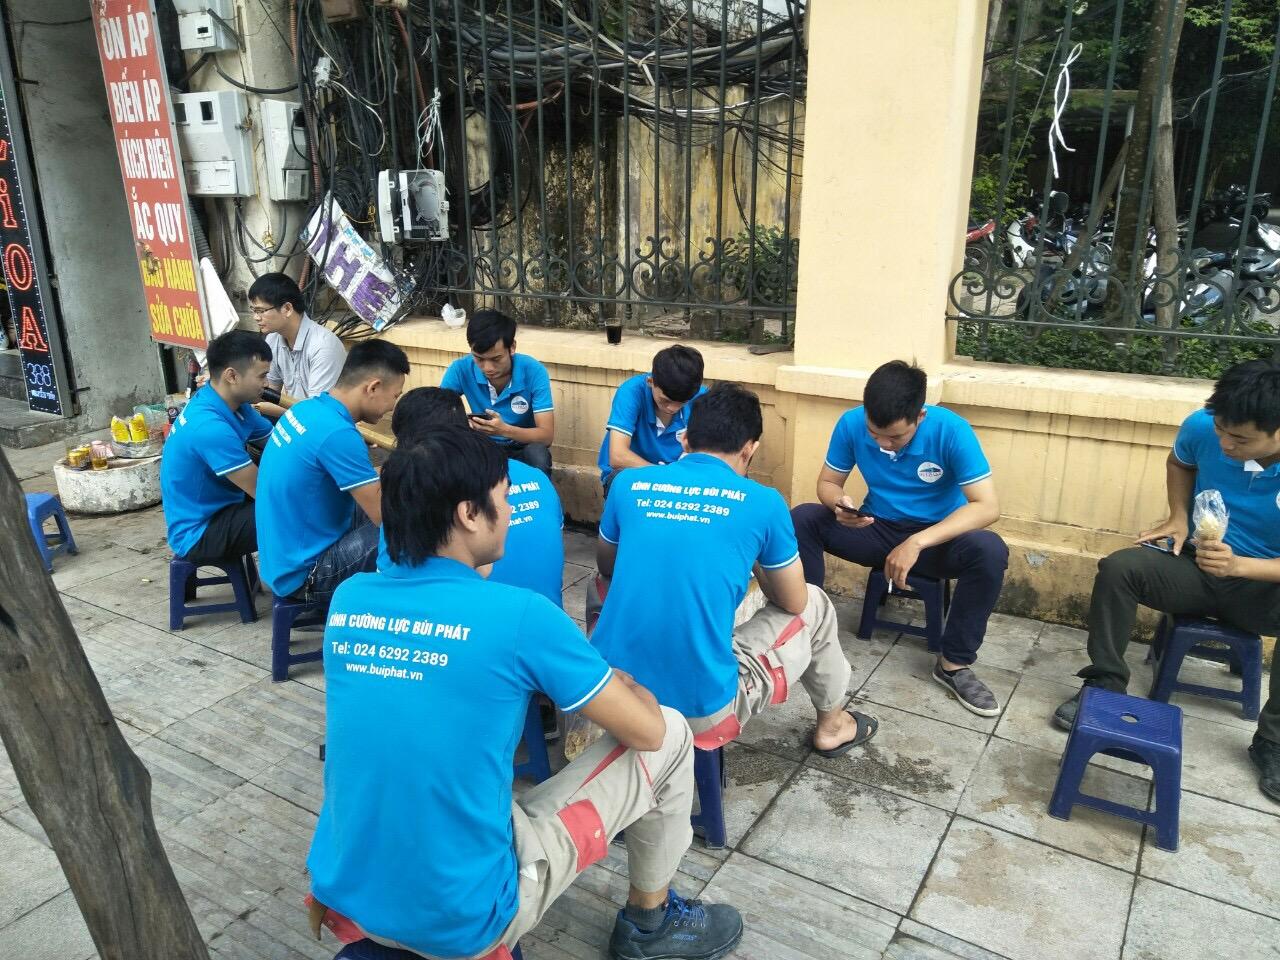 Hình ảnh đội ngũ thợ kính Bùi Phát ngồi  đợi lệnh xuất phát của chủ đầu tư lên công trình